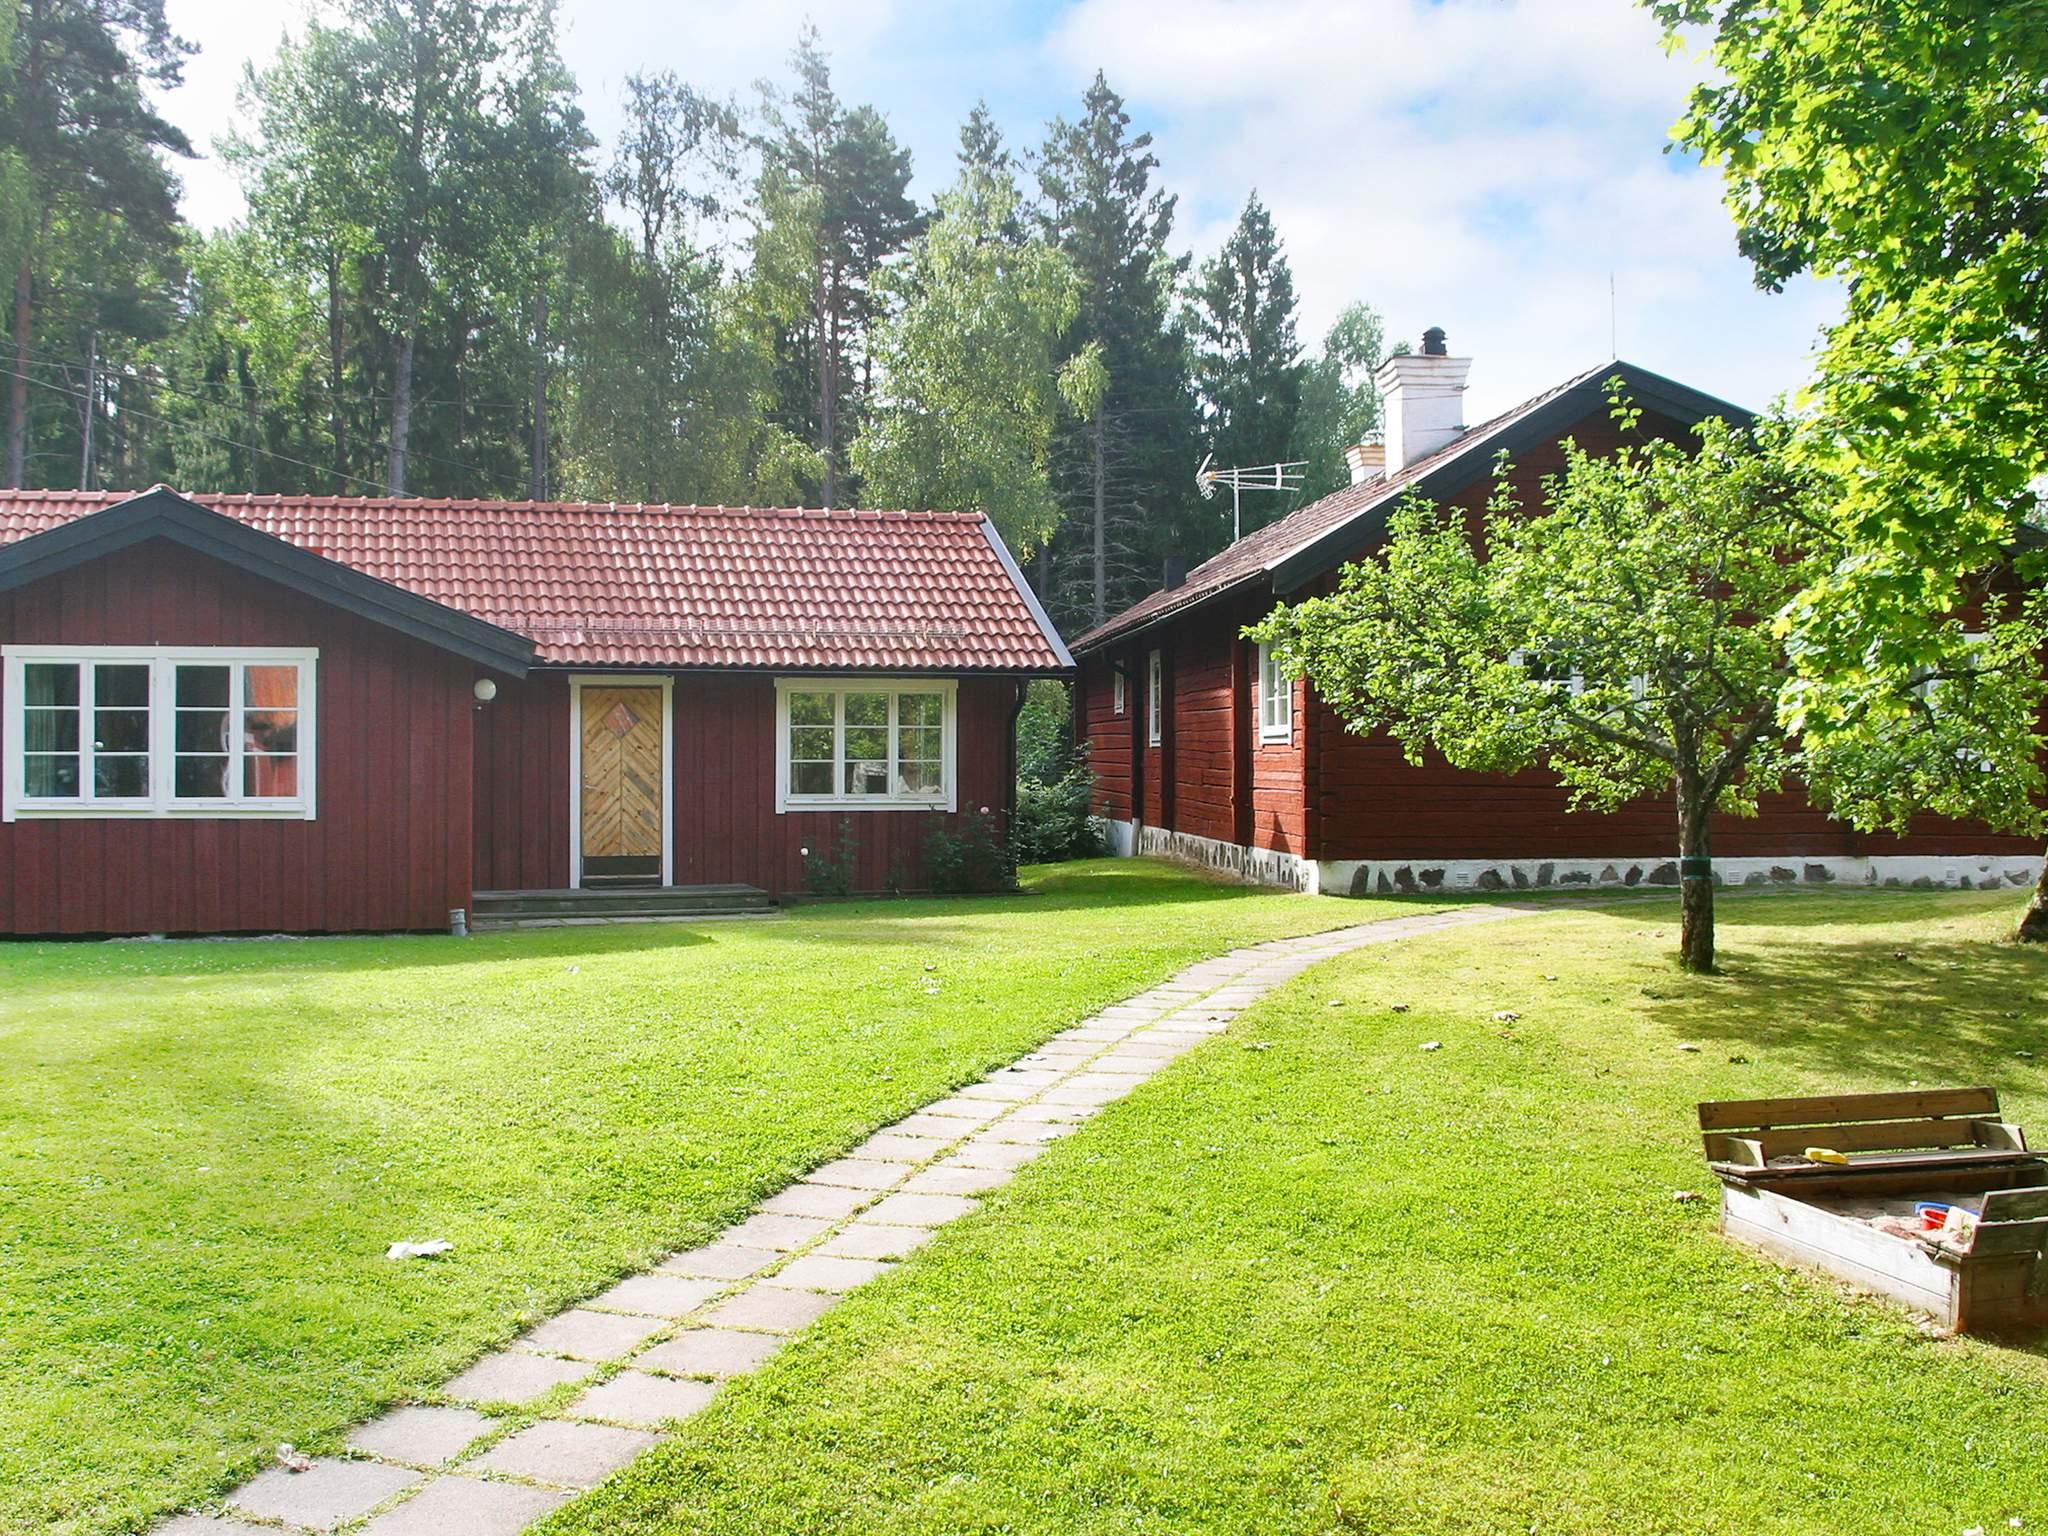 Ferienhaus Köping (953852), Köping, Västmanlands län, Mittelschweden, Schweden, Bild 22